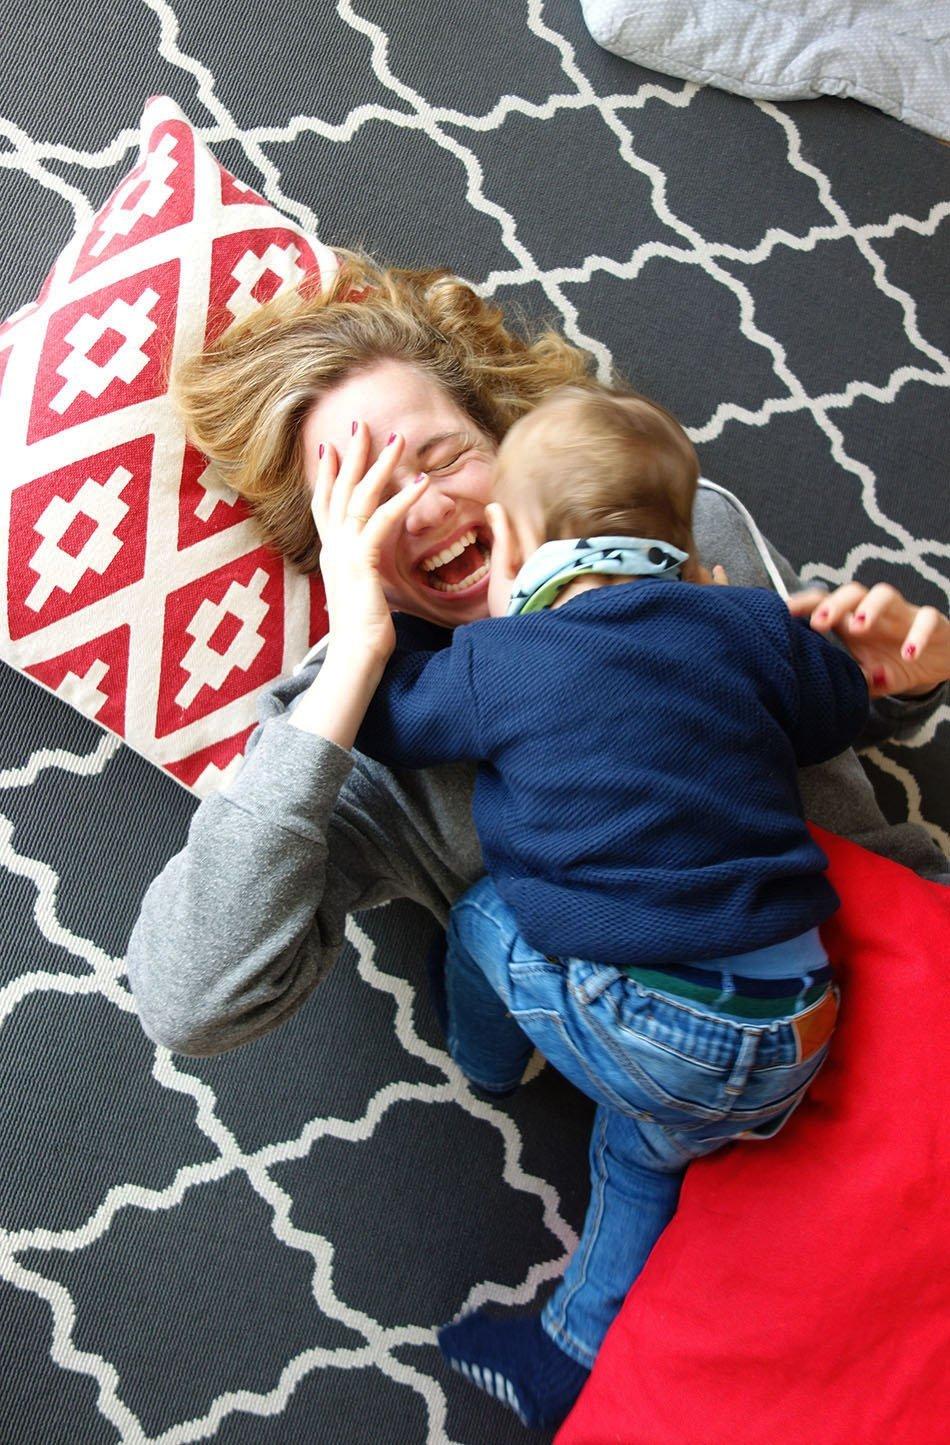 Baby, Bauch, Gesundheit, Entwiclung, blubbern, Familie, mamablog, ekulele, leben zu dritt, immunsystem, familienzeit, quatsch, verstcken, kitzeln, raufen, daddy and son